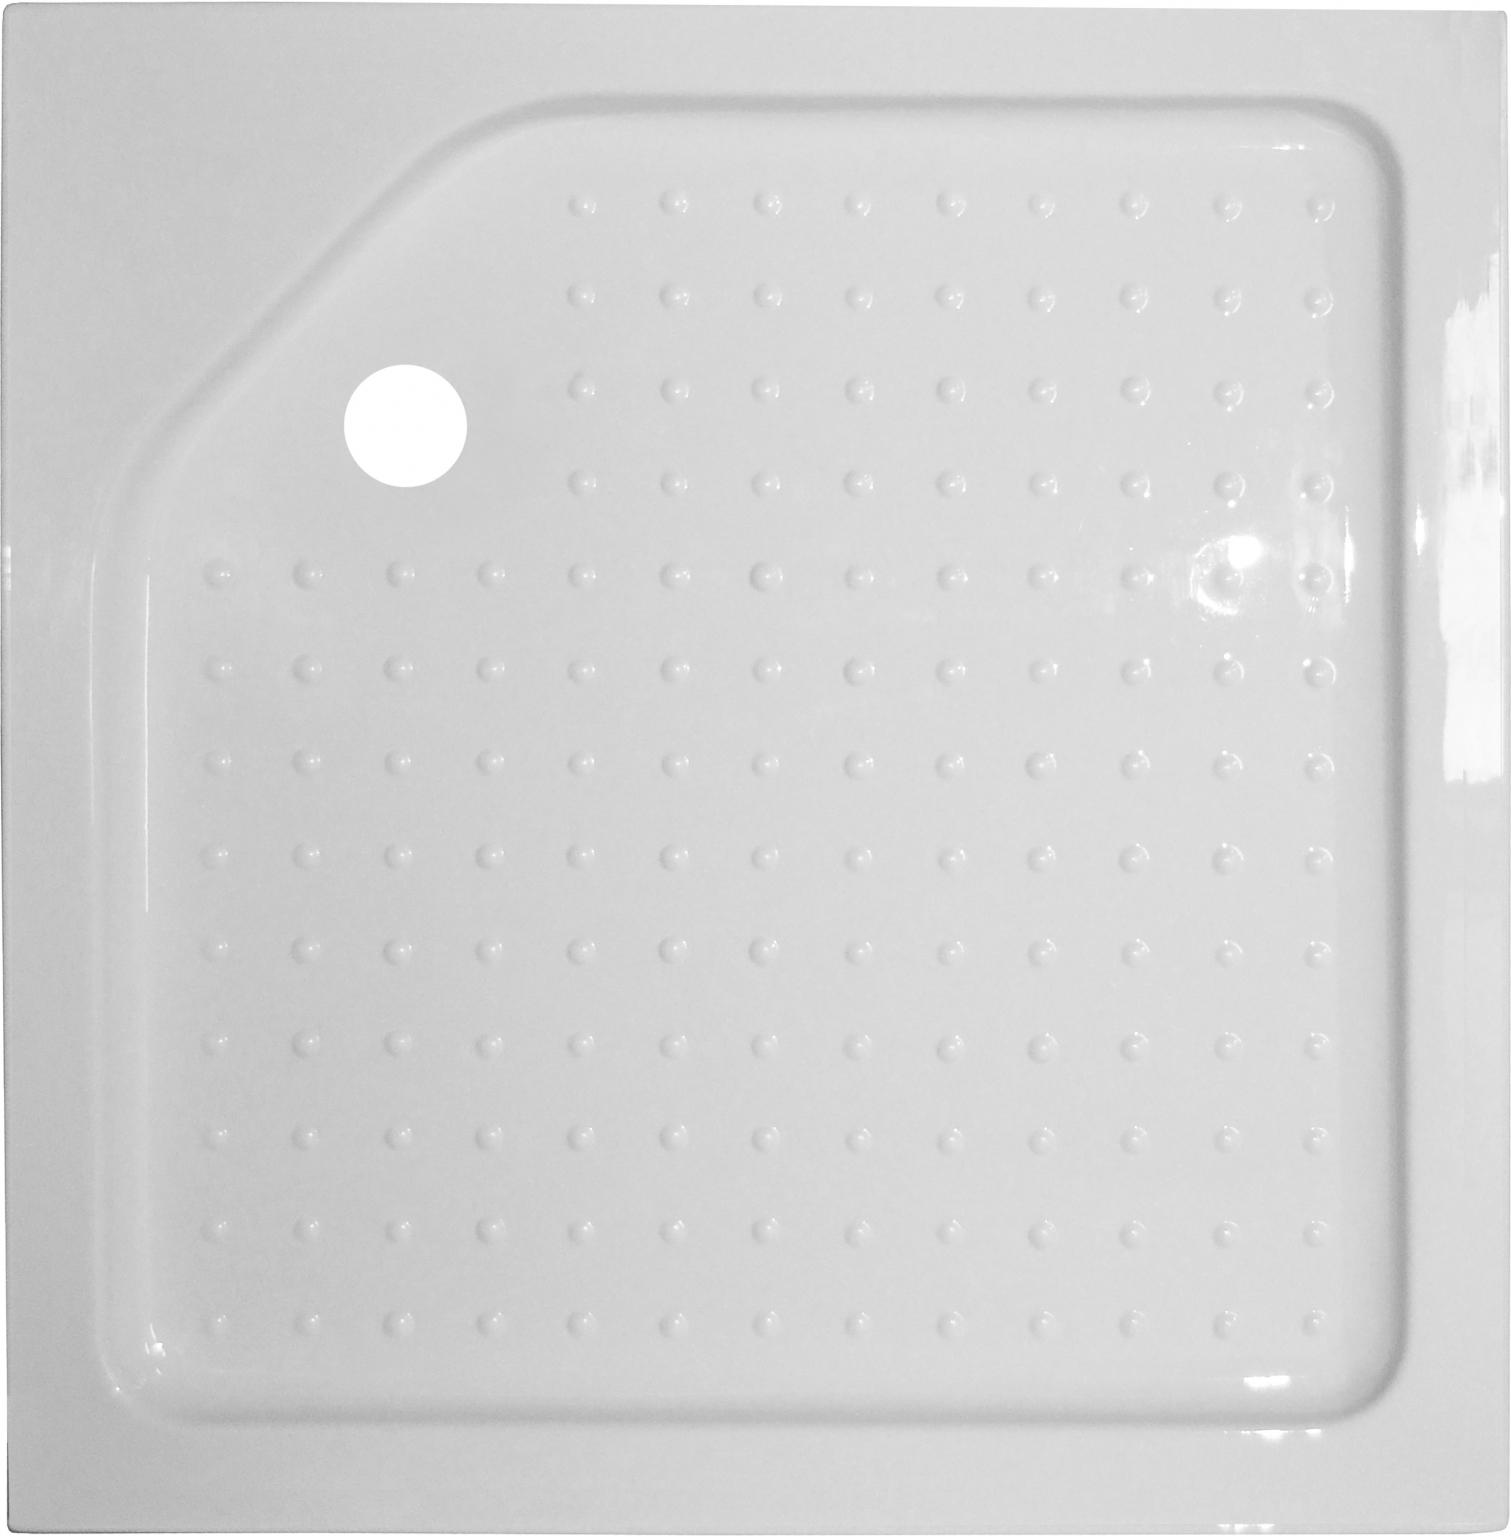 Квадратный душевой поддон Royal bath  80 см (RB 80HP)